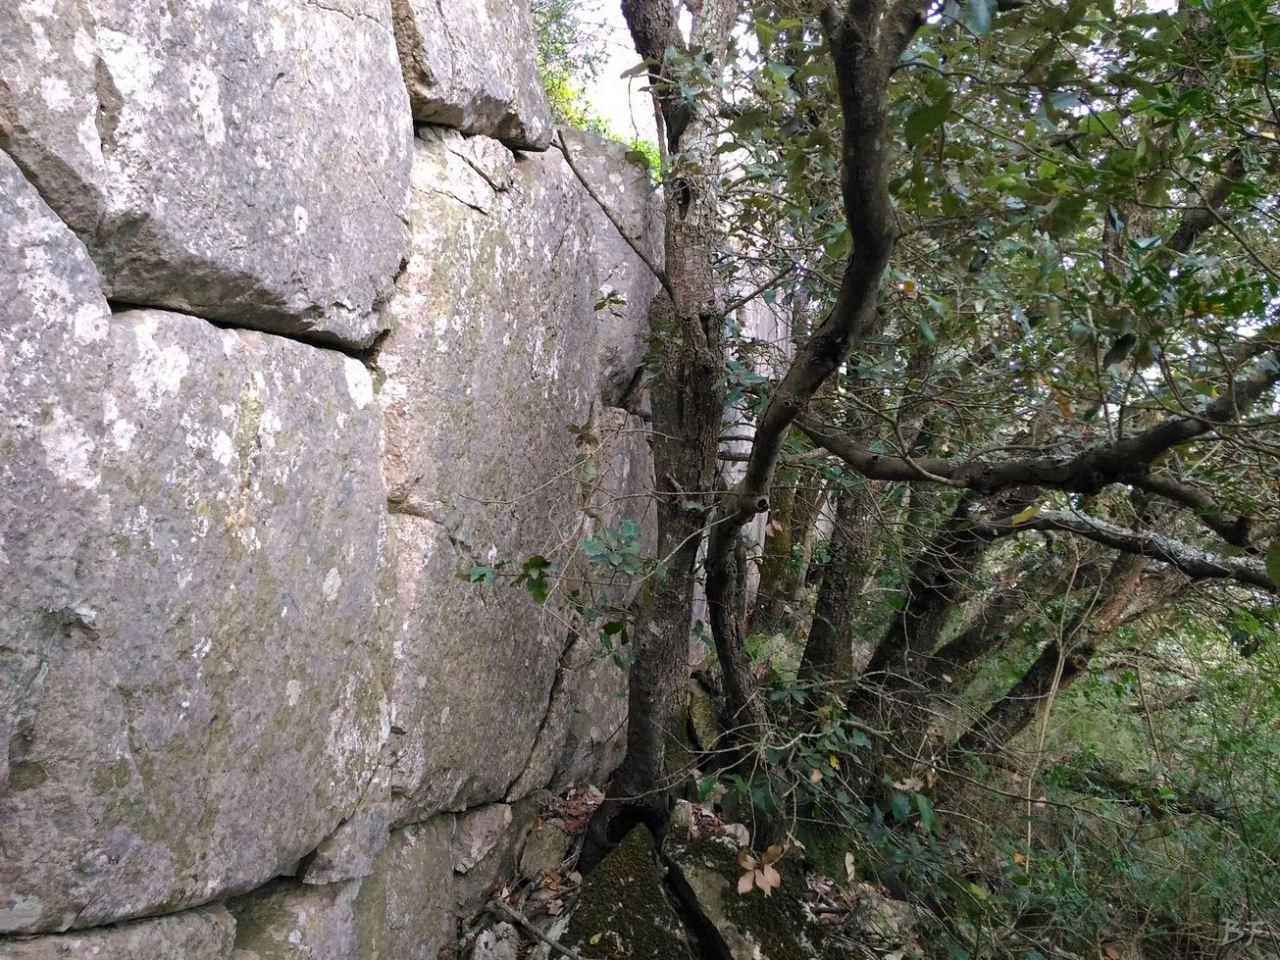 Circeii-Mura-Megalitiche-Poligonali-Latina-Lazio-Italia-24